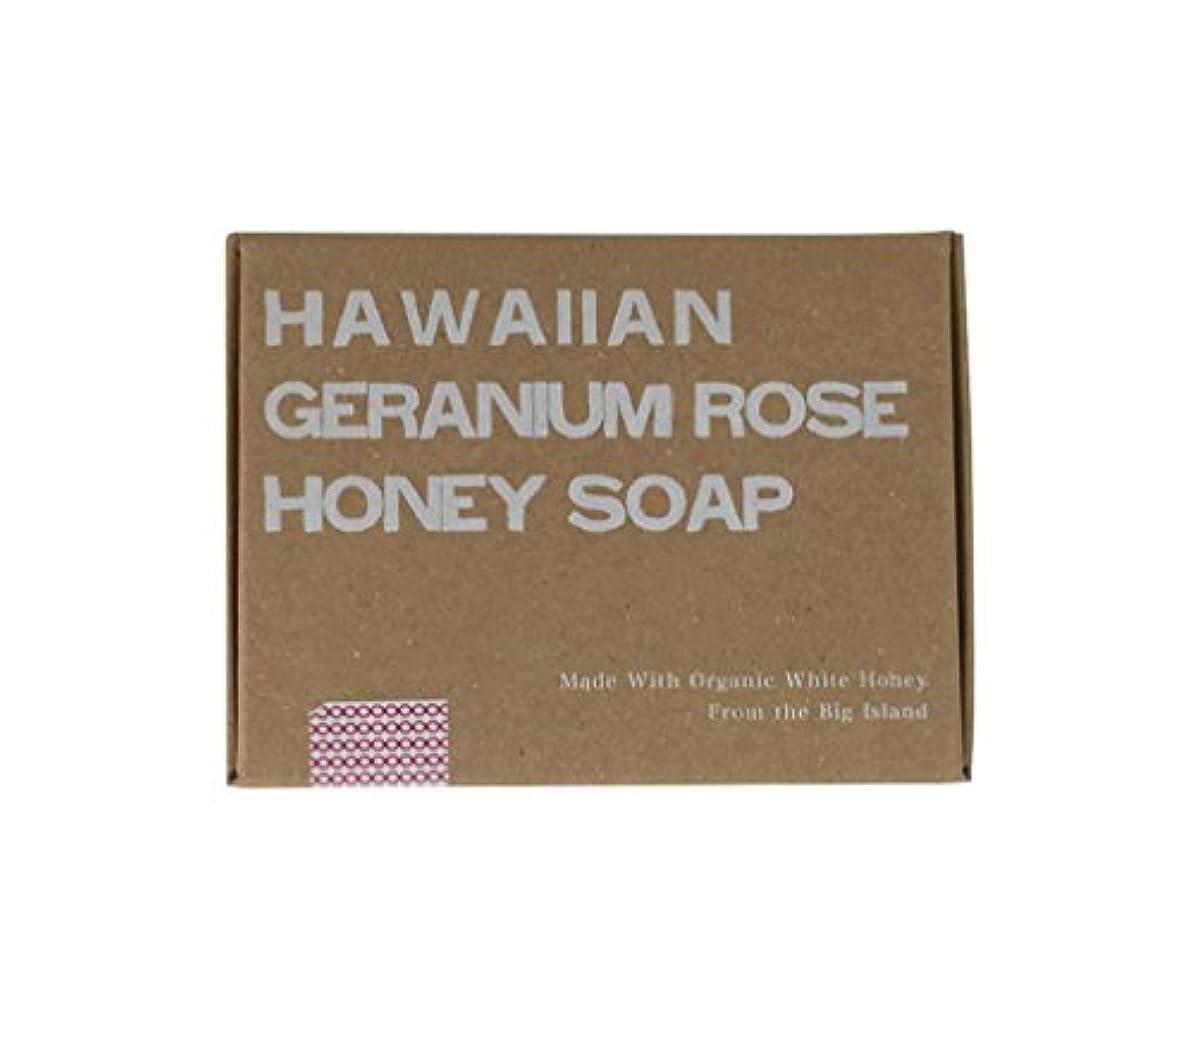 半島ストレス結婚したホワイトハニーオーガニクス ハワイアン?ゼラニウムローズ?ハニーソープ (Hawaiian Geranium Rose Honey Soap)